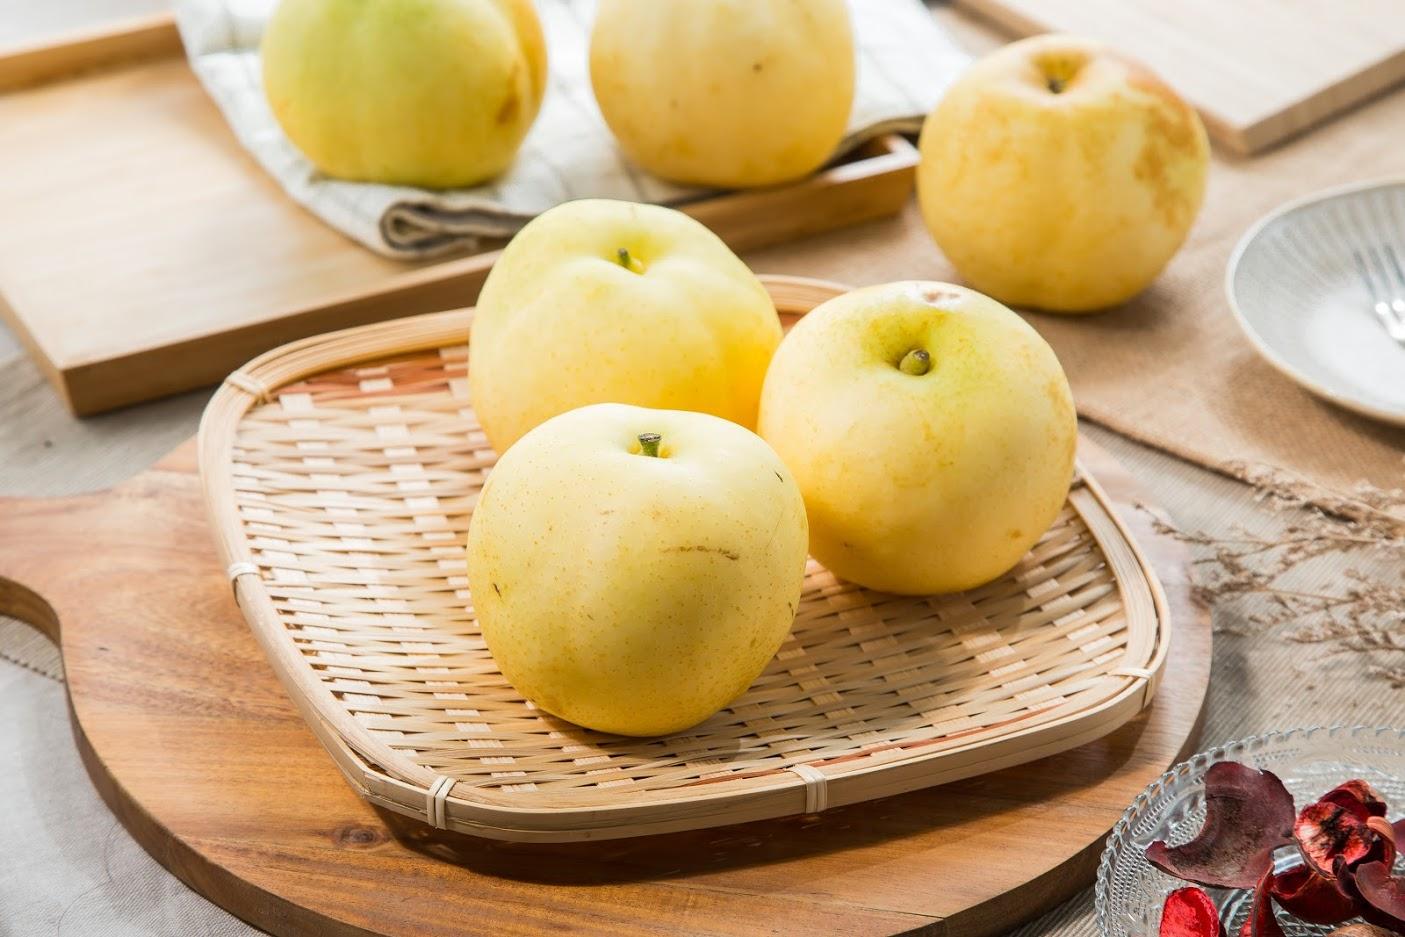 梨子知識 原來梨子這麼養生!久咳不止吃冰糖燉梨就對了